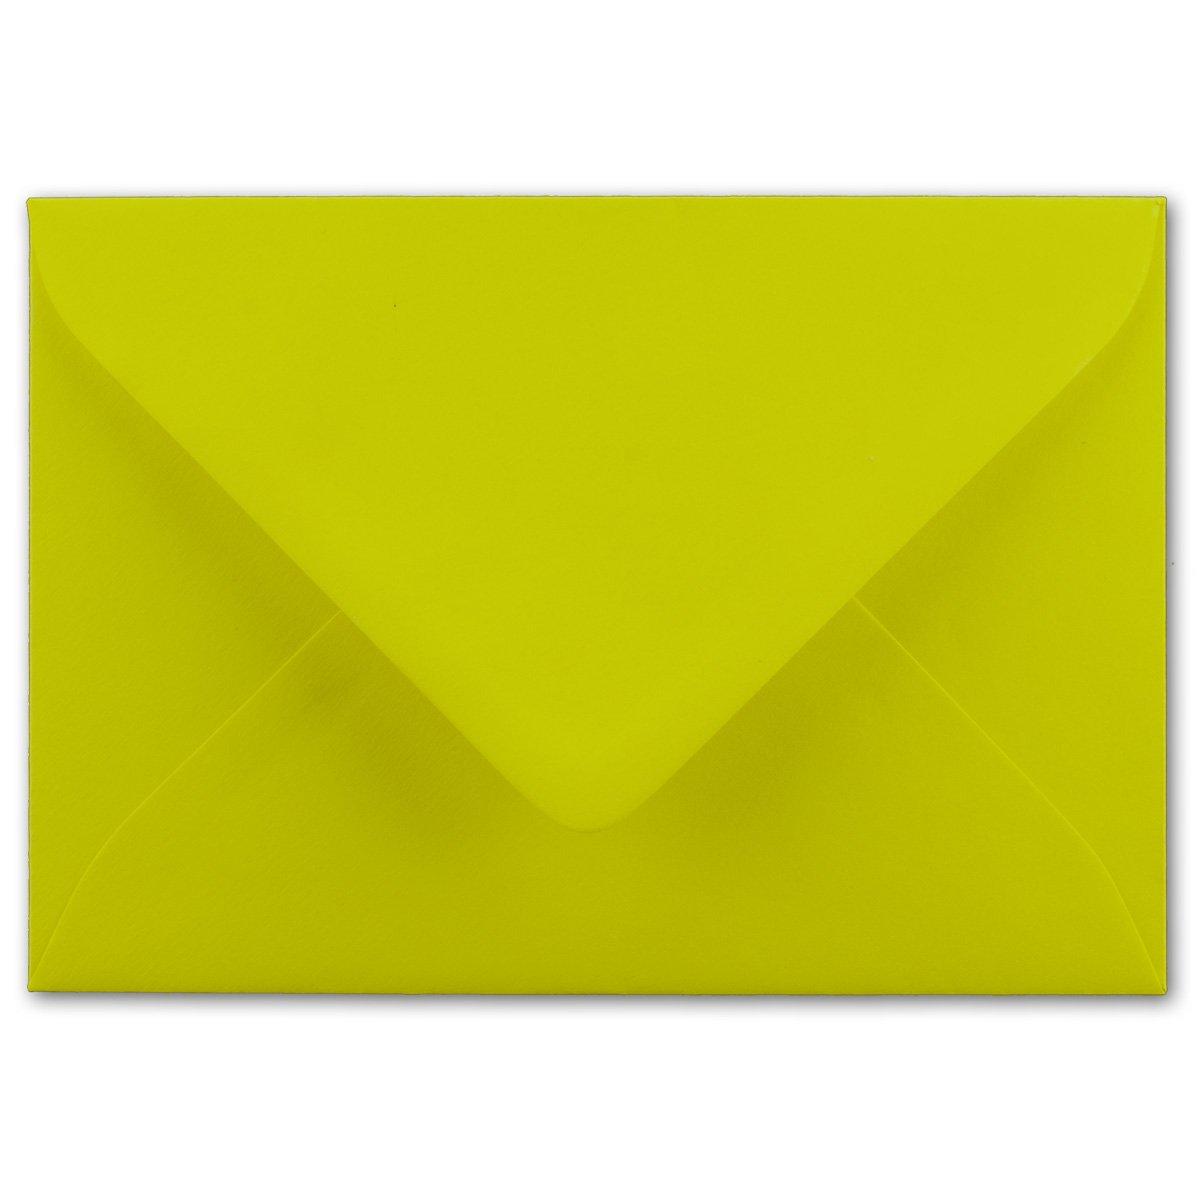 Brief-Umschläge in Nachtblau   150 Stück Stück Stück   DIN C5 KuGrüns 220 x 154 mm - Nassklebung ohne Fenster - Weihnachten, Grußkarten   Serie FarbenFroh® B00J9FC9I8 | Verrückter Preis  177887